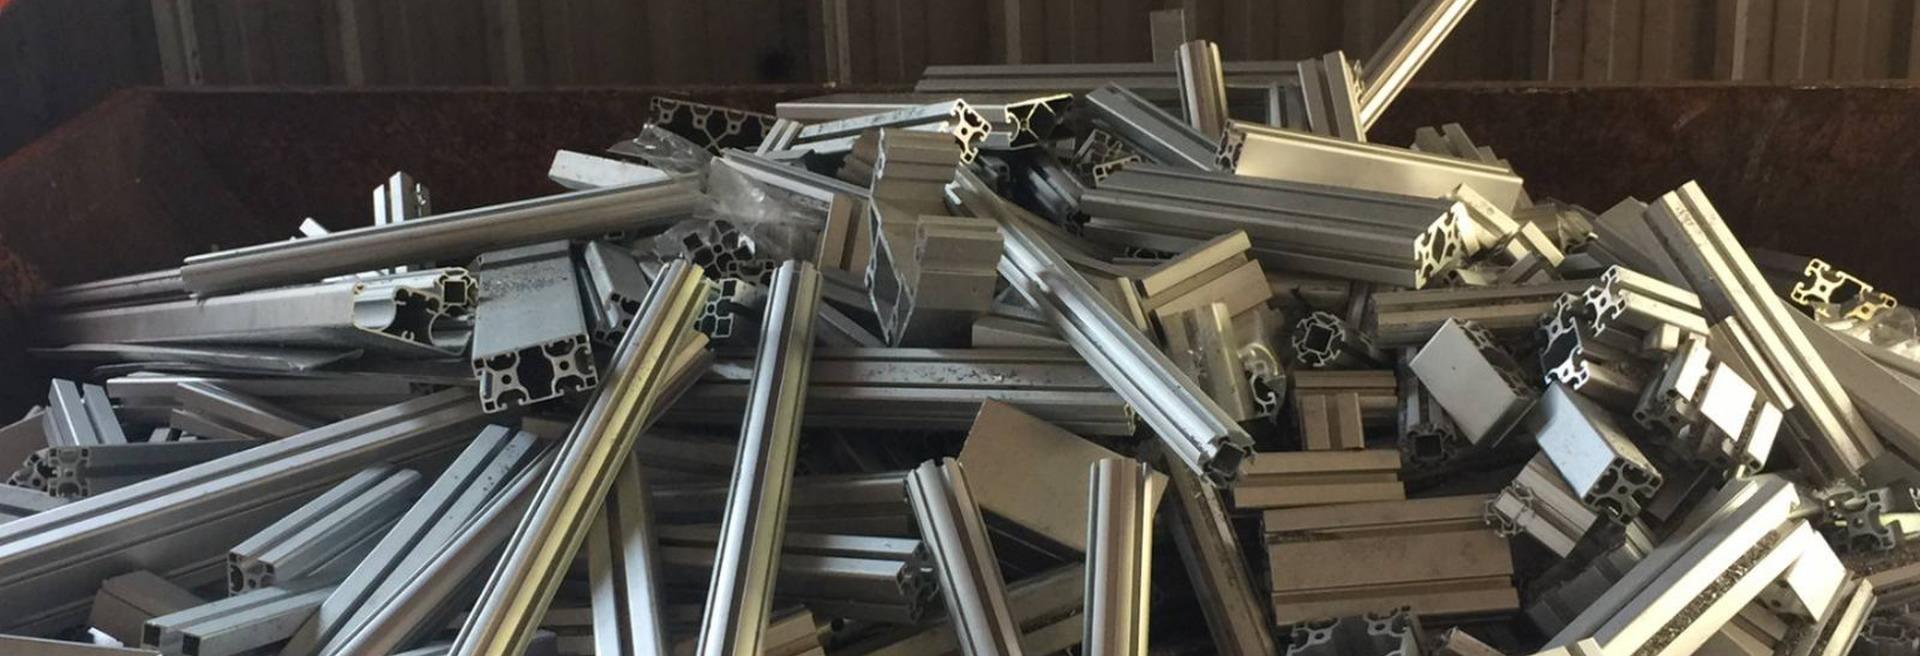 Récupération et recyclage tous métaux